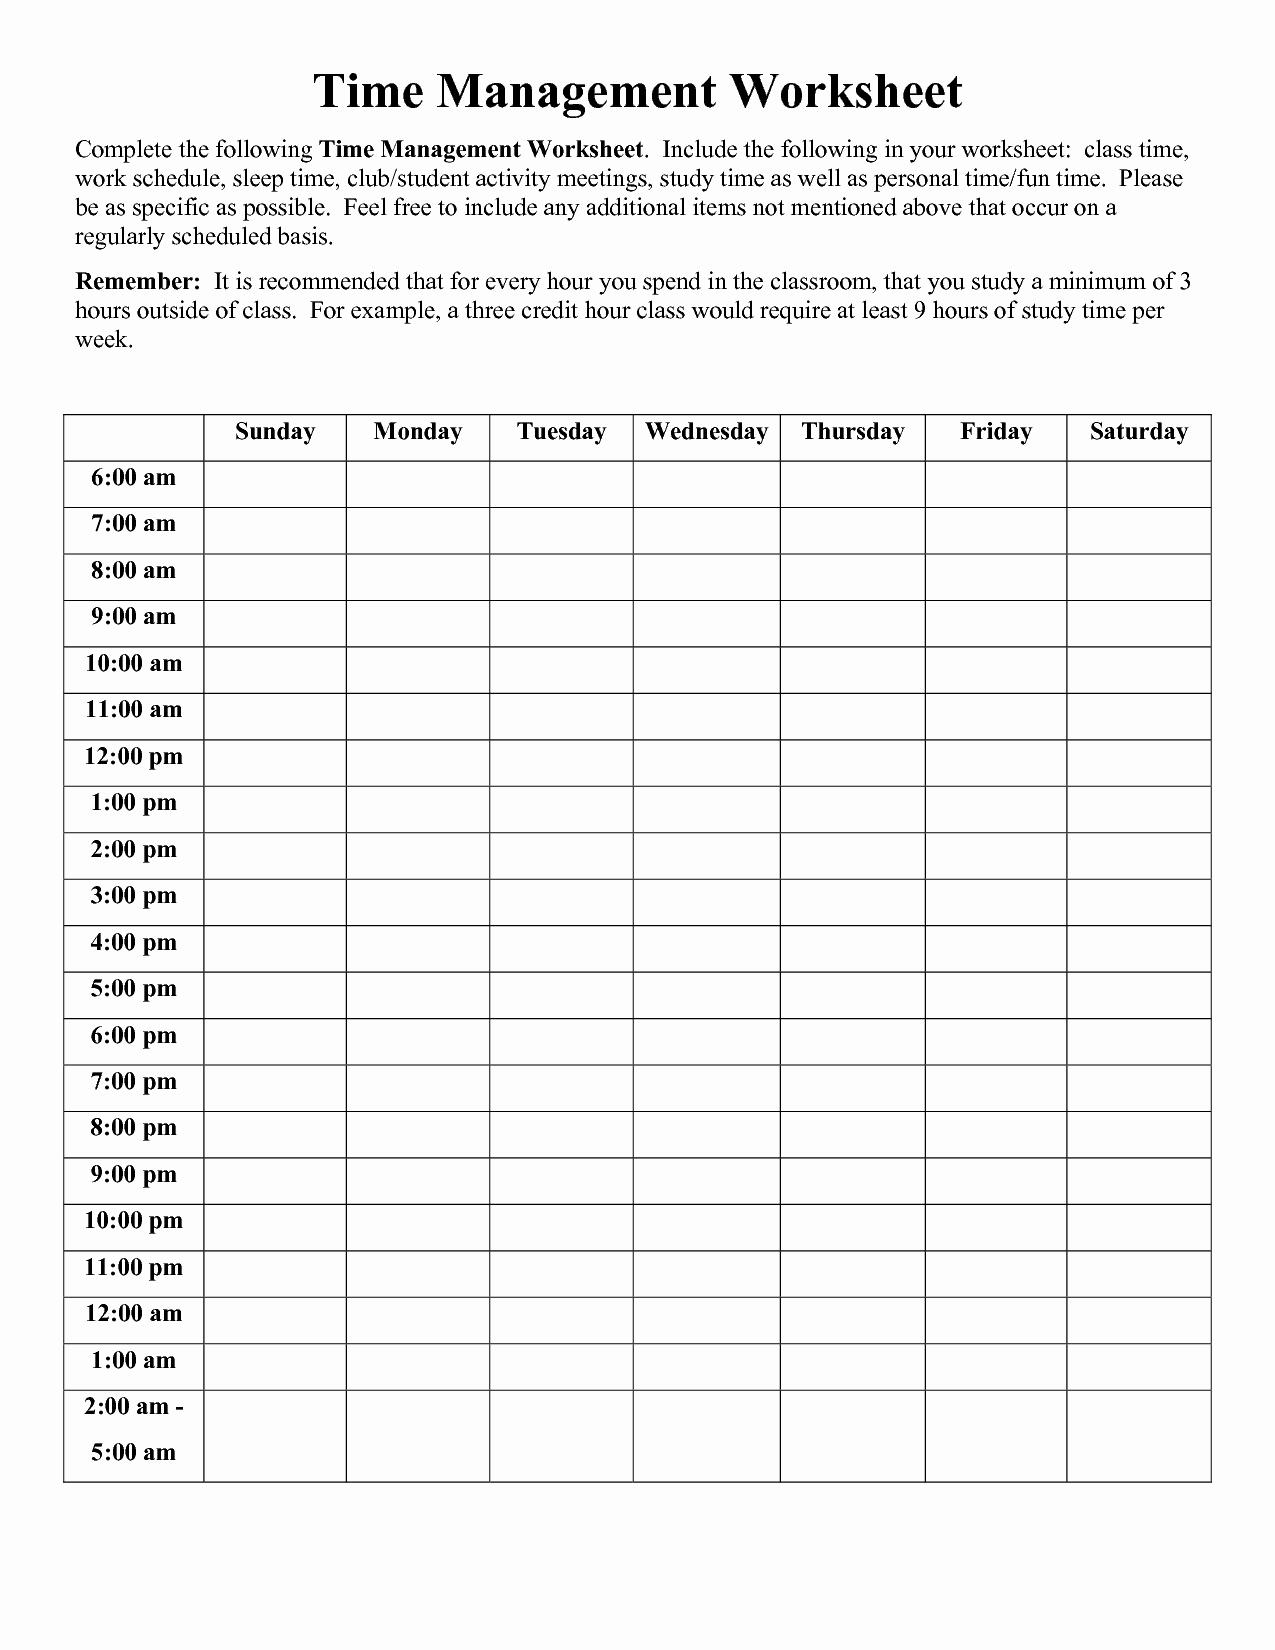 Time Management Worksheet Pdf Inspirational Stress Log Worksheet